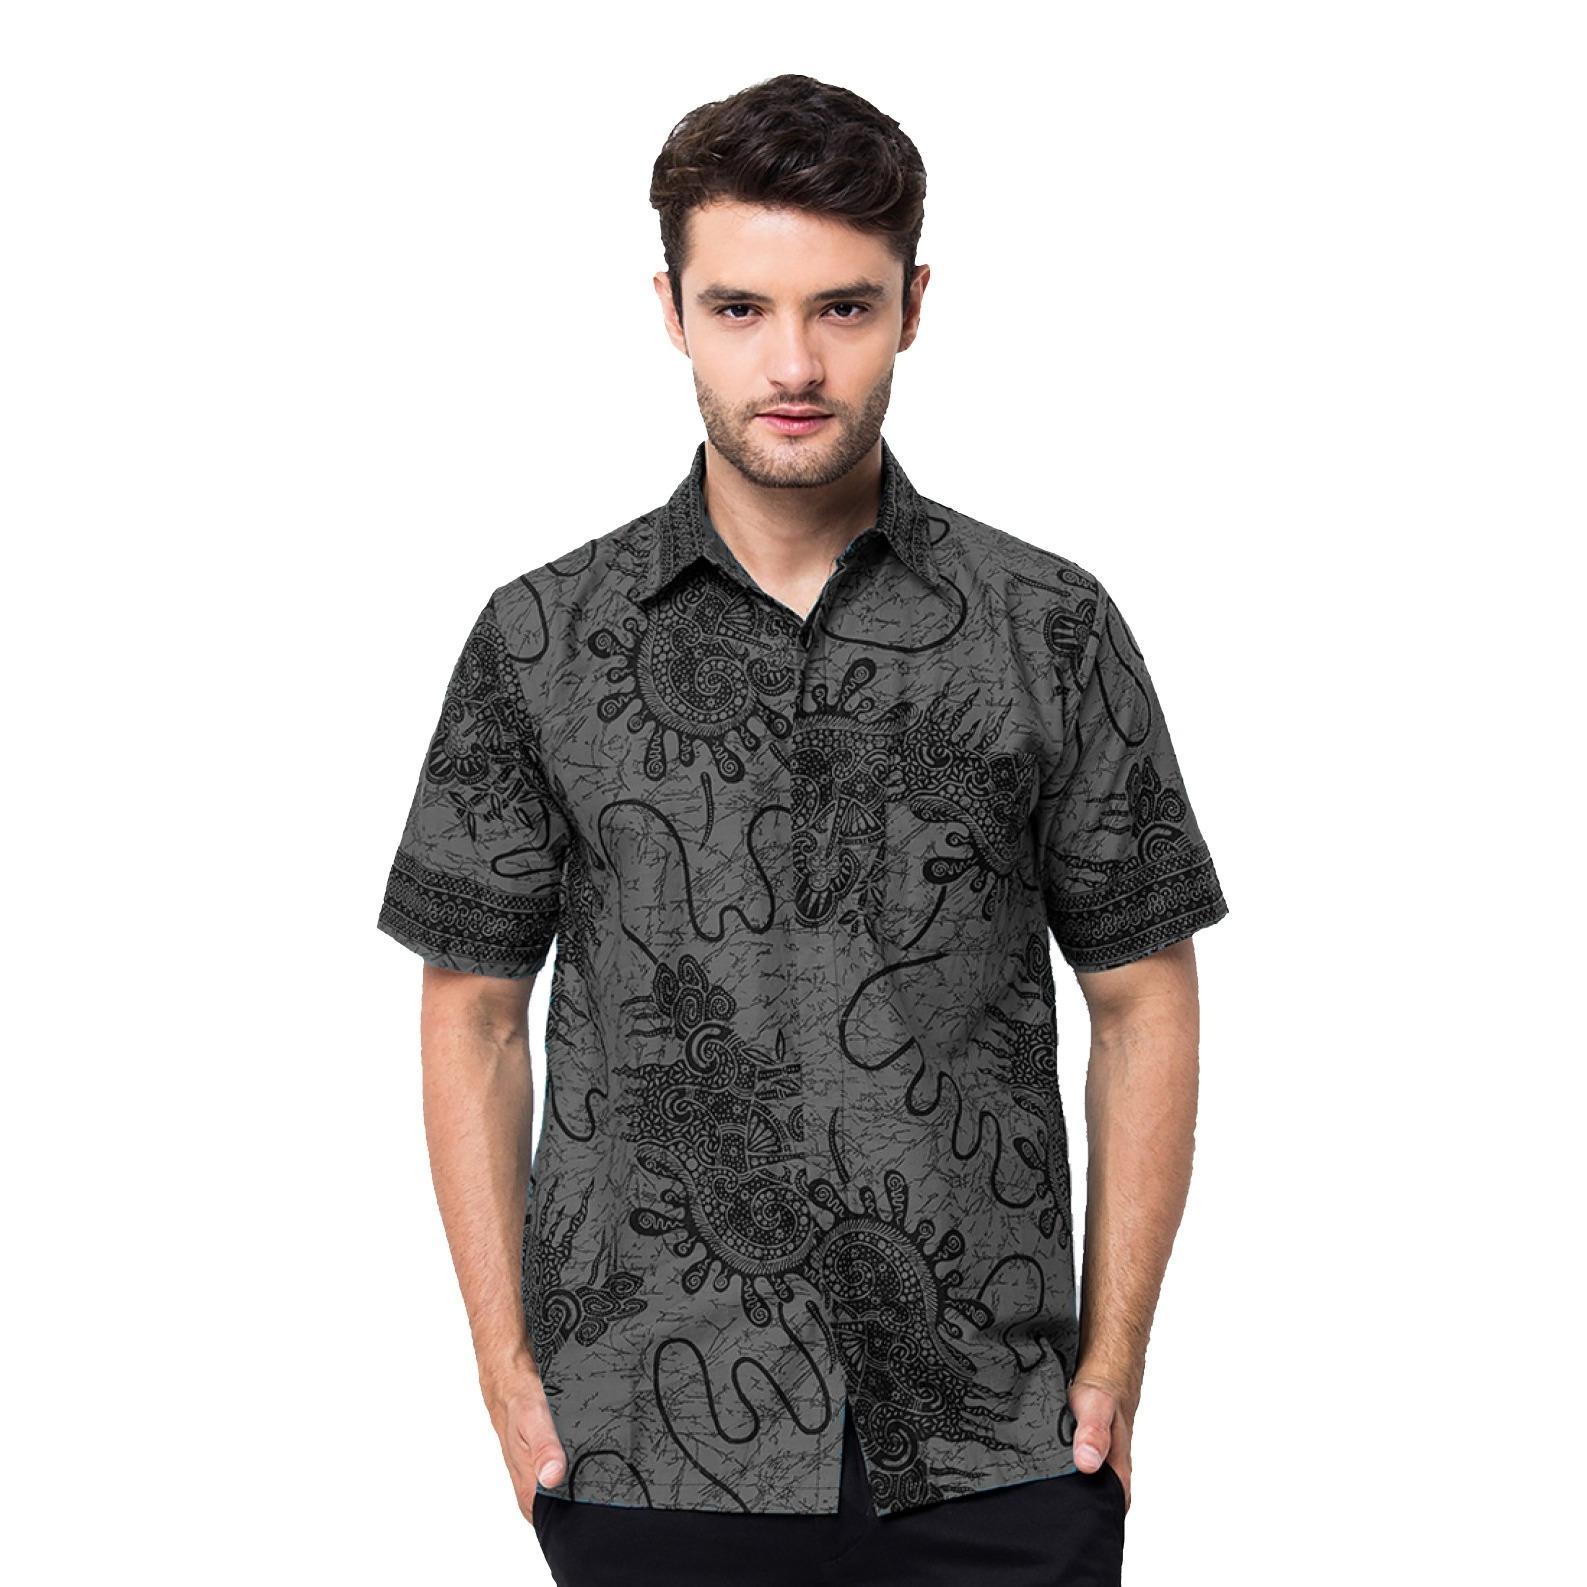 Baju Kemeja Batik pria Lengan Pendek Bahan Katun